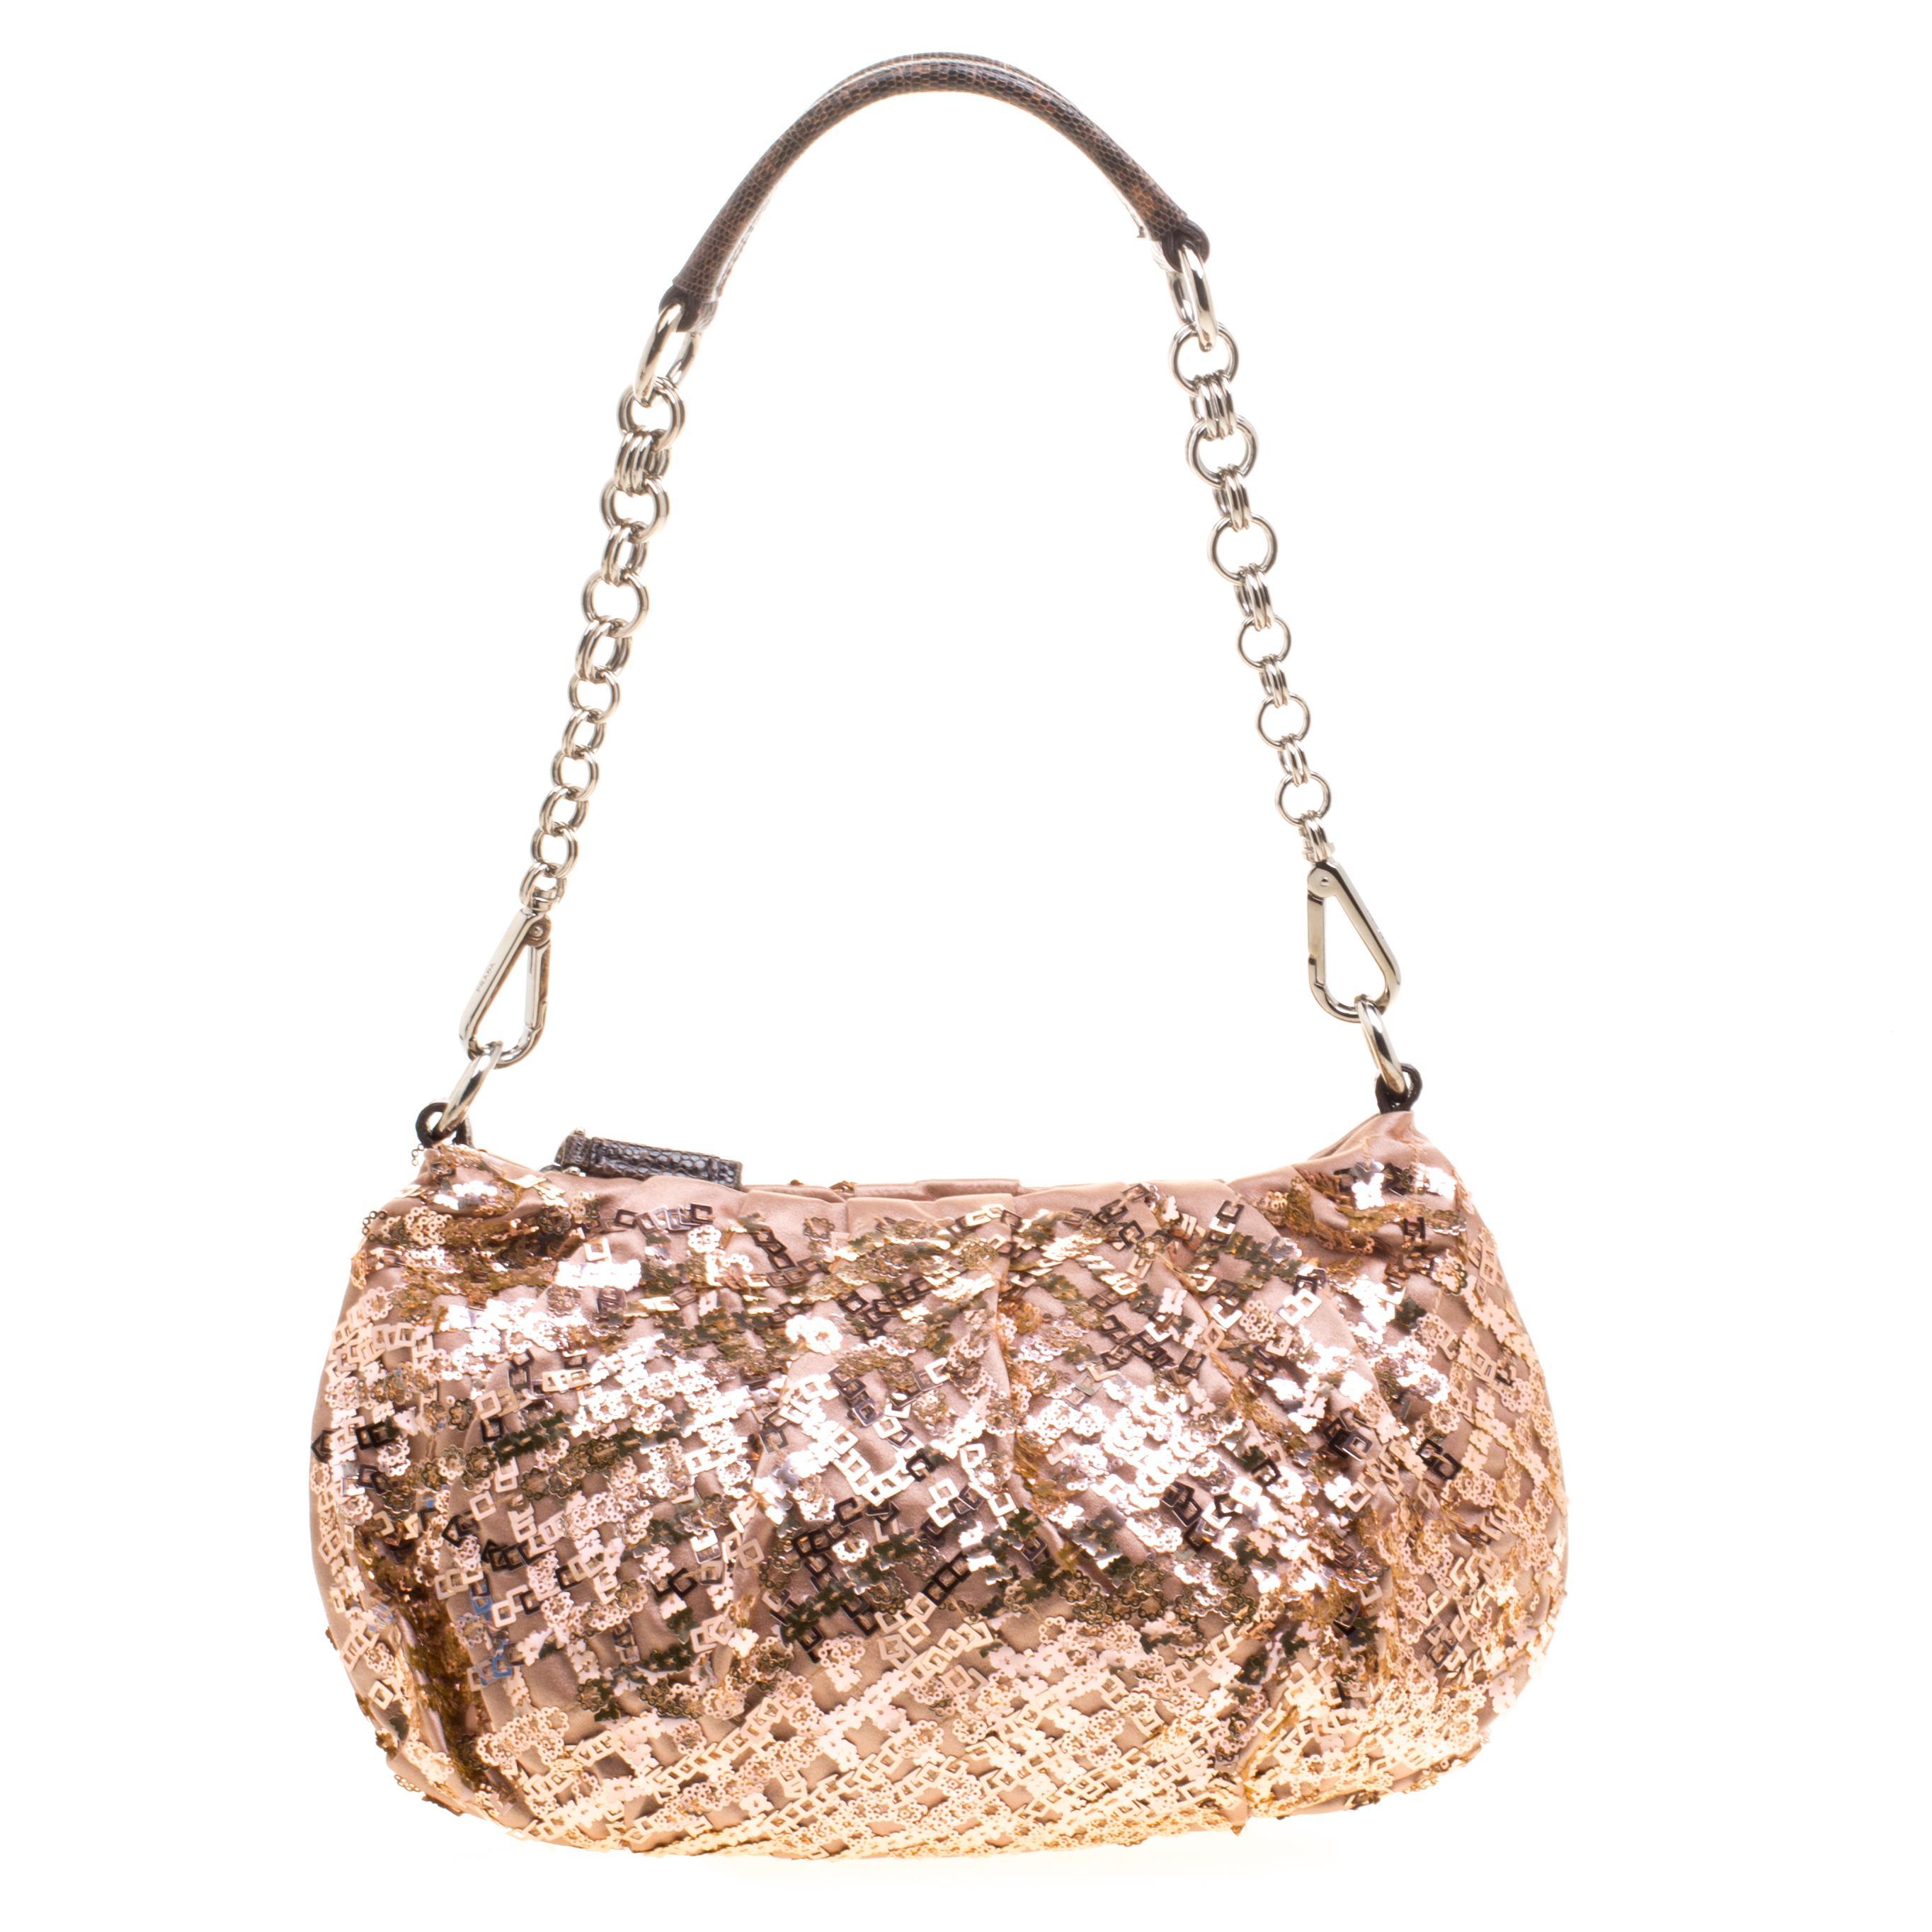 e5ed793977 Prada Blush Pink Bronze Satin Sequin Embellished Shoulder Bag at 1stdibs